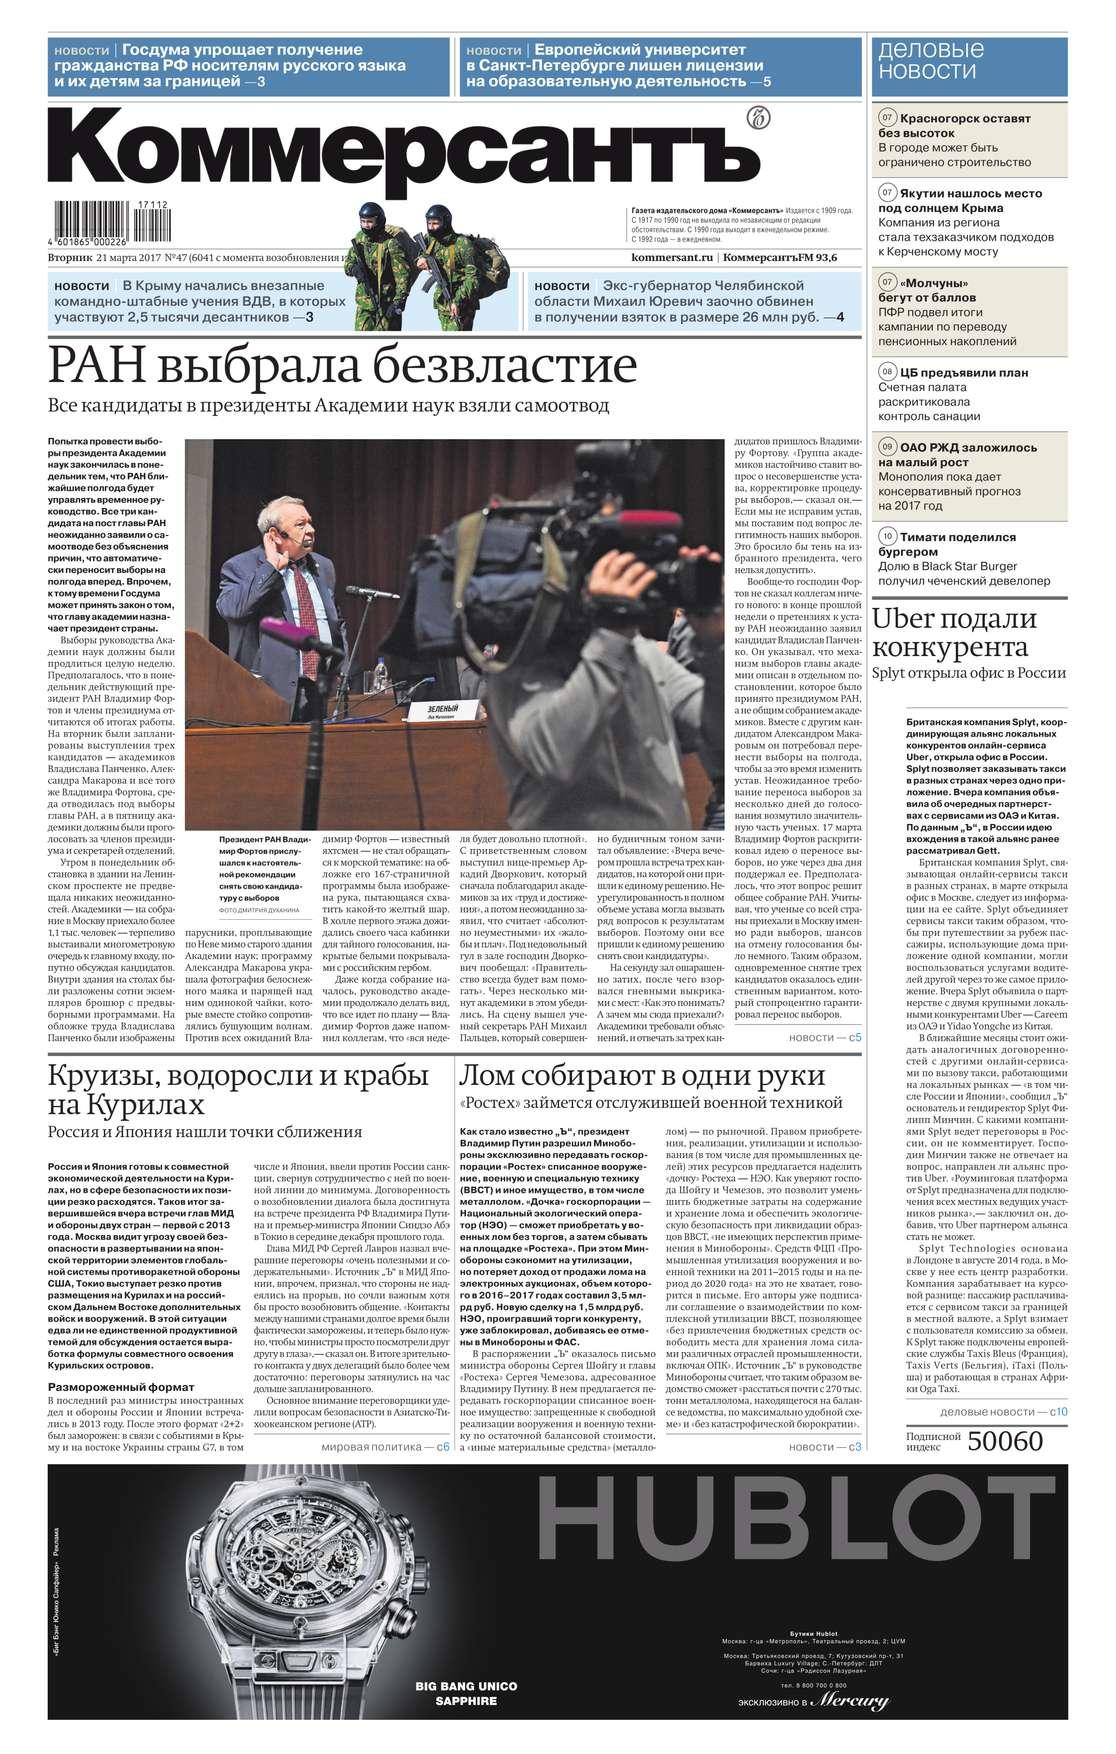 Редакция газеты Коммерсантъ (понедельник-пятница) Коммерсантъ (понедельник-пятница) 47-2017 цена